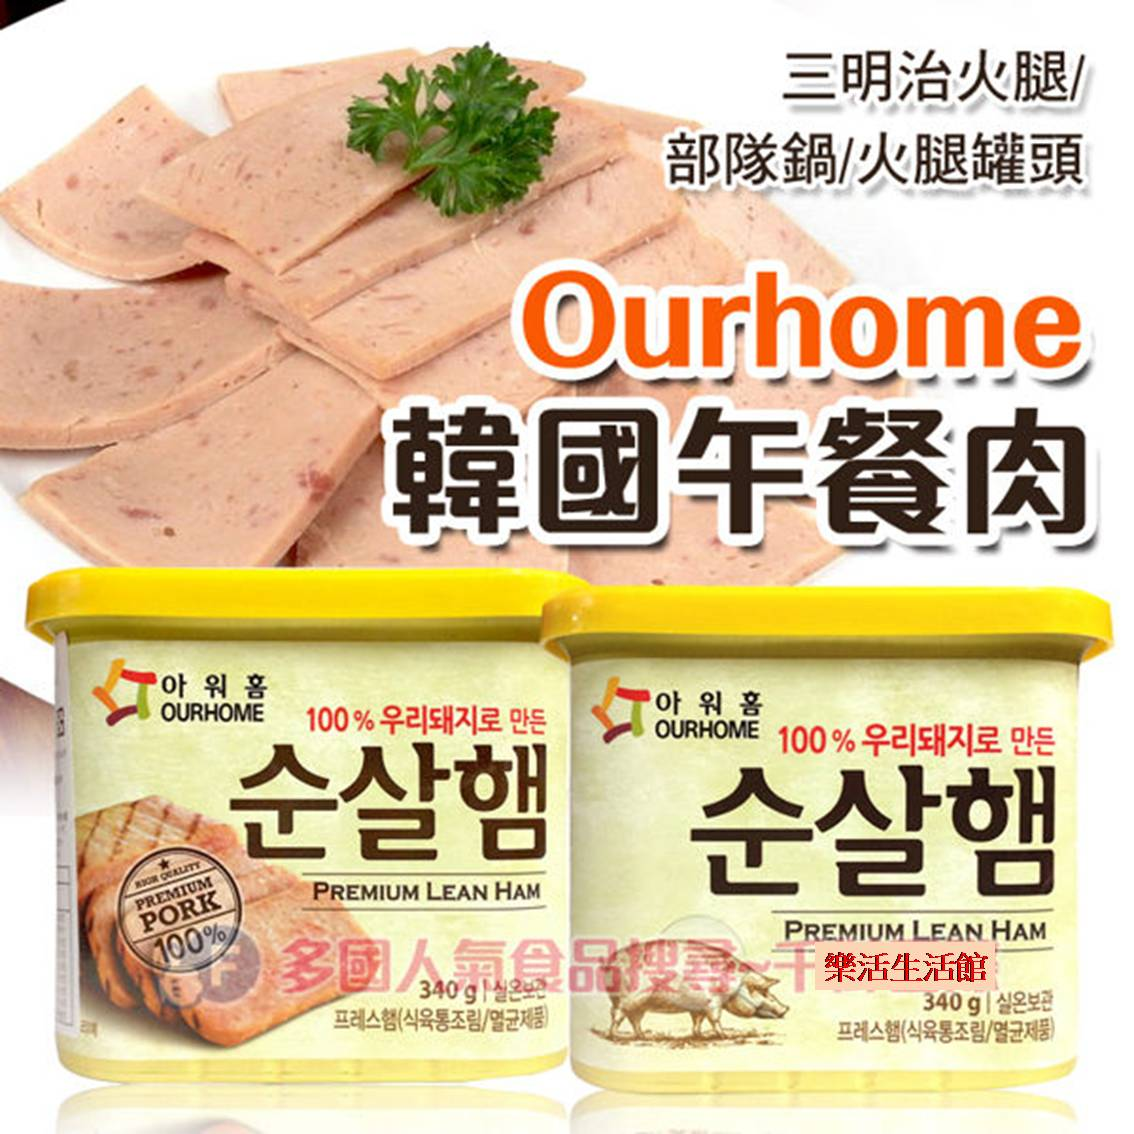 韓國 Ourhome午餐肉 /三明治火腿 / 部隊鍋料理 火腿罐頭【樂活生活館】